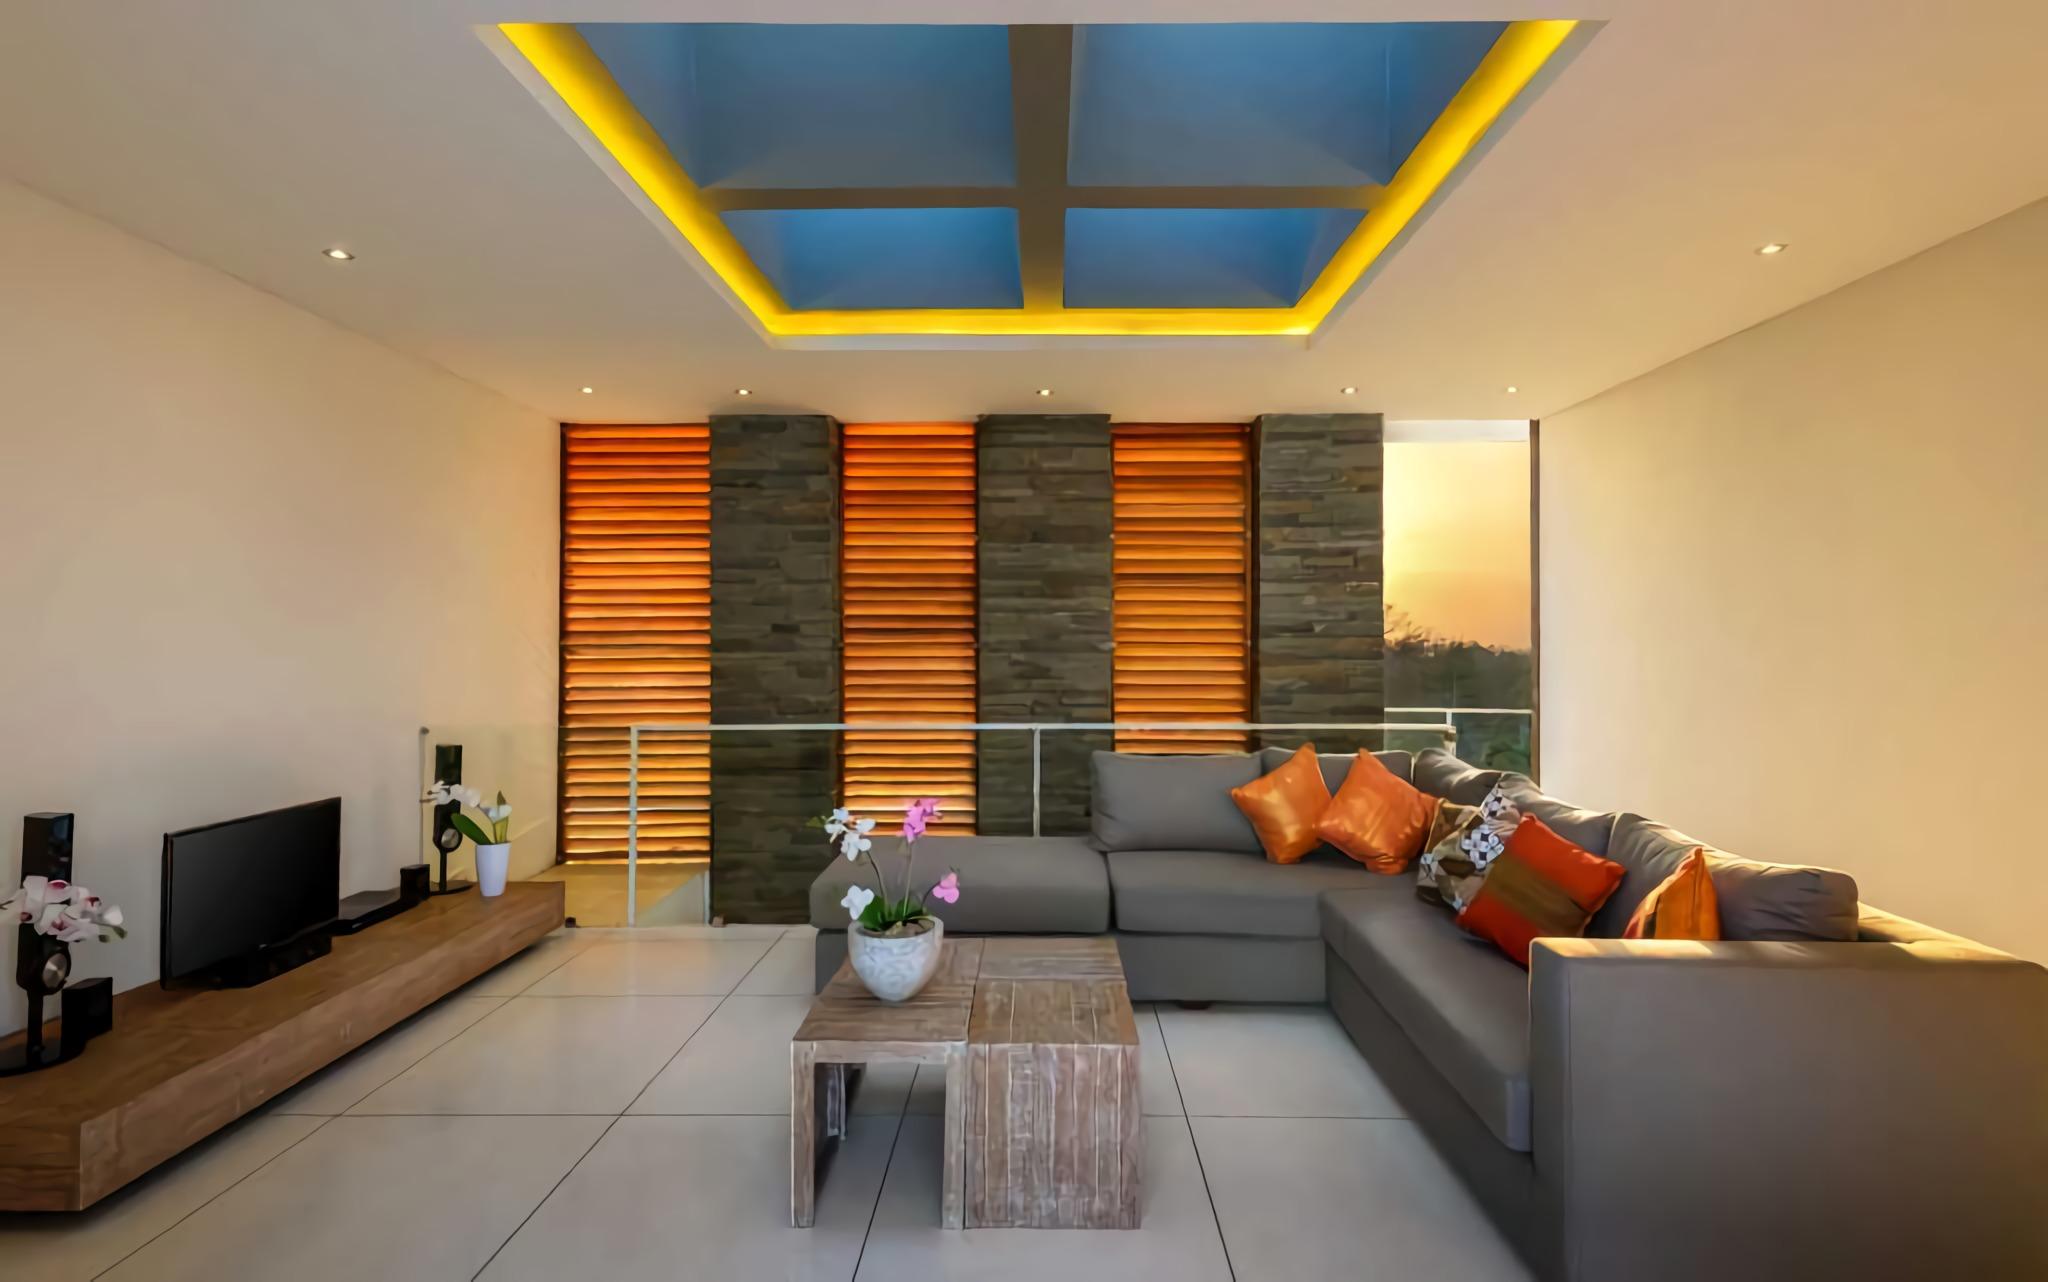 Skylight sebagai Sumber Pencahayaan Alami dan Estetika di Ruang Keluarga Aurora Villa (Sumber: arsitag.com)